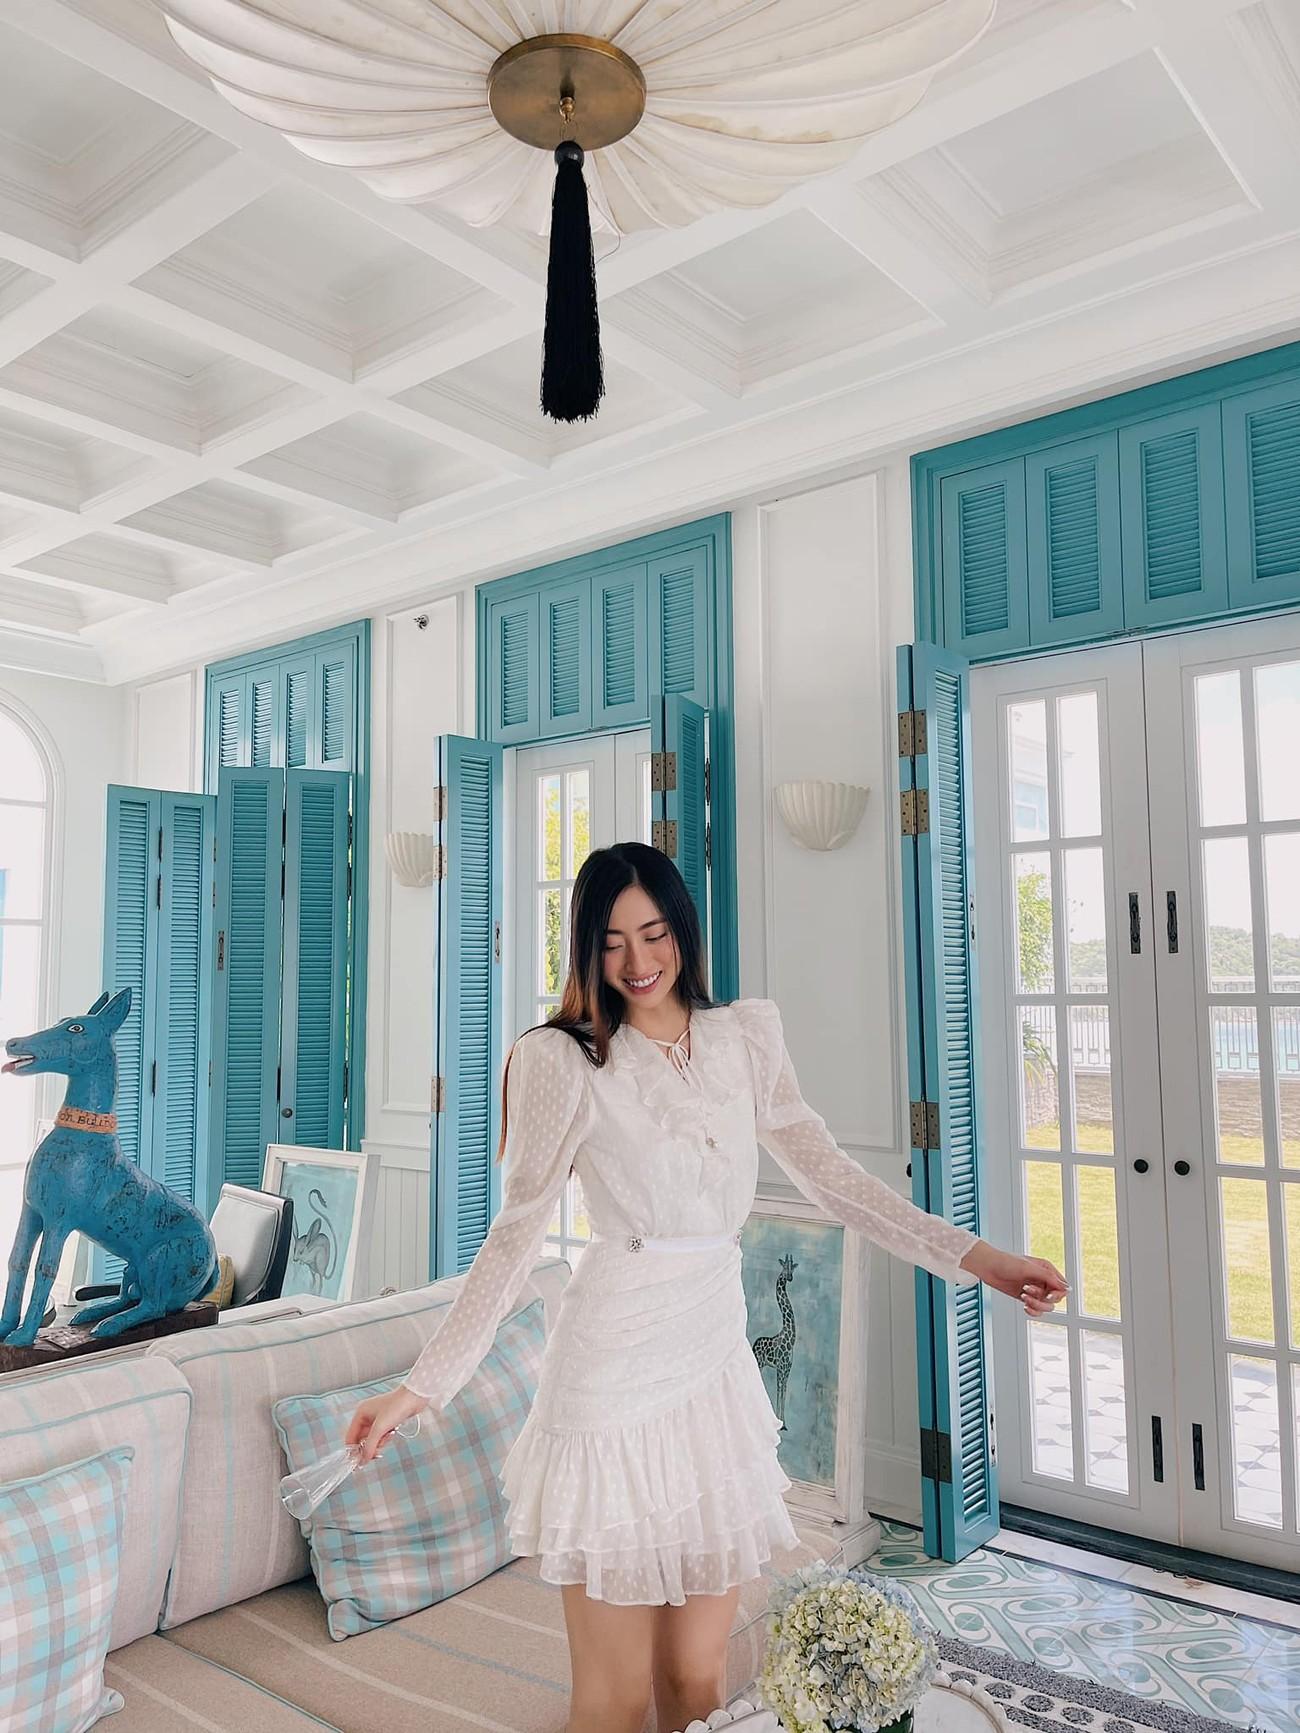 Đỗ Thị Hà xinh đẹp với trang phục lạ mắt, Á hậu Phương Anh sexy với bikini ảnh 5